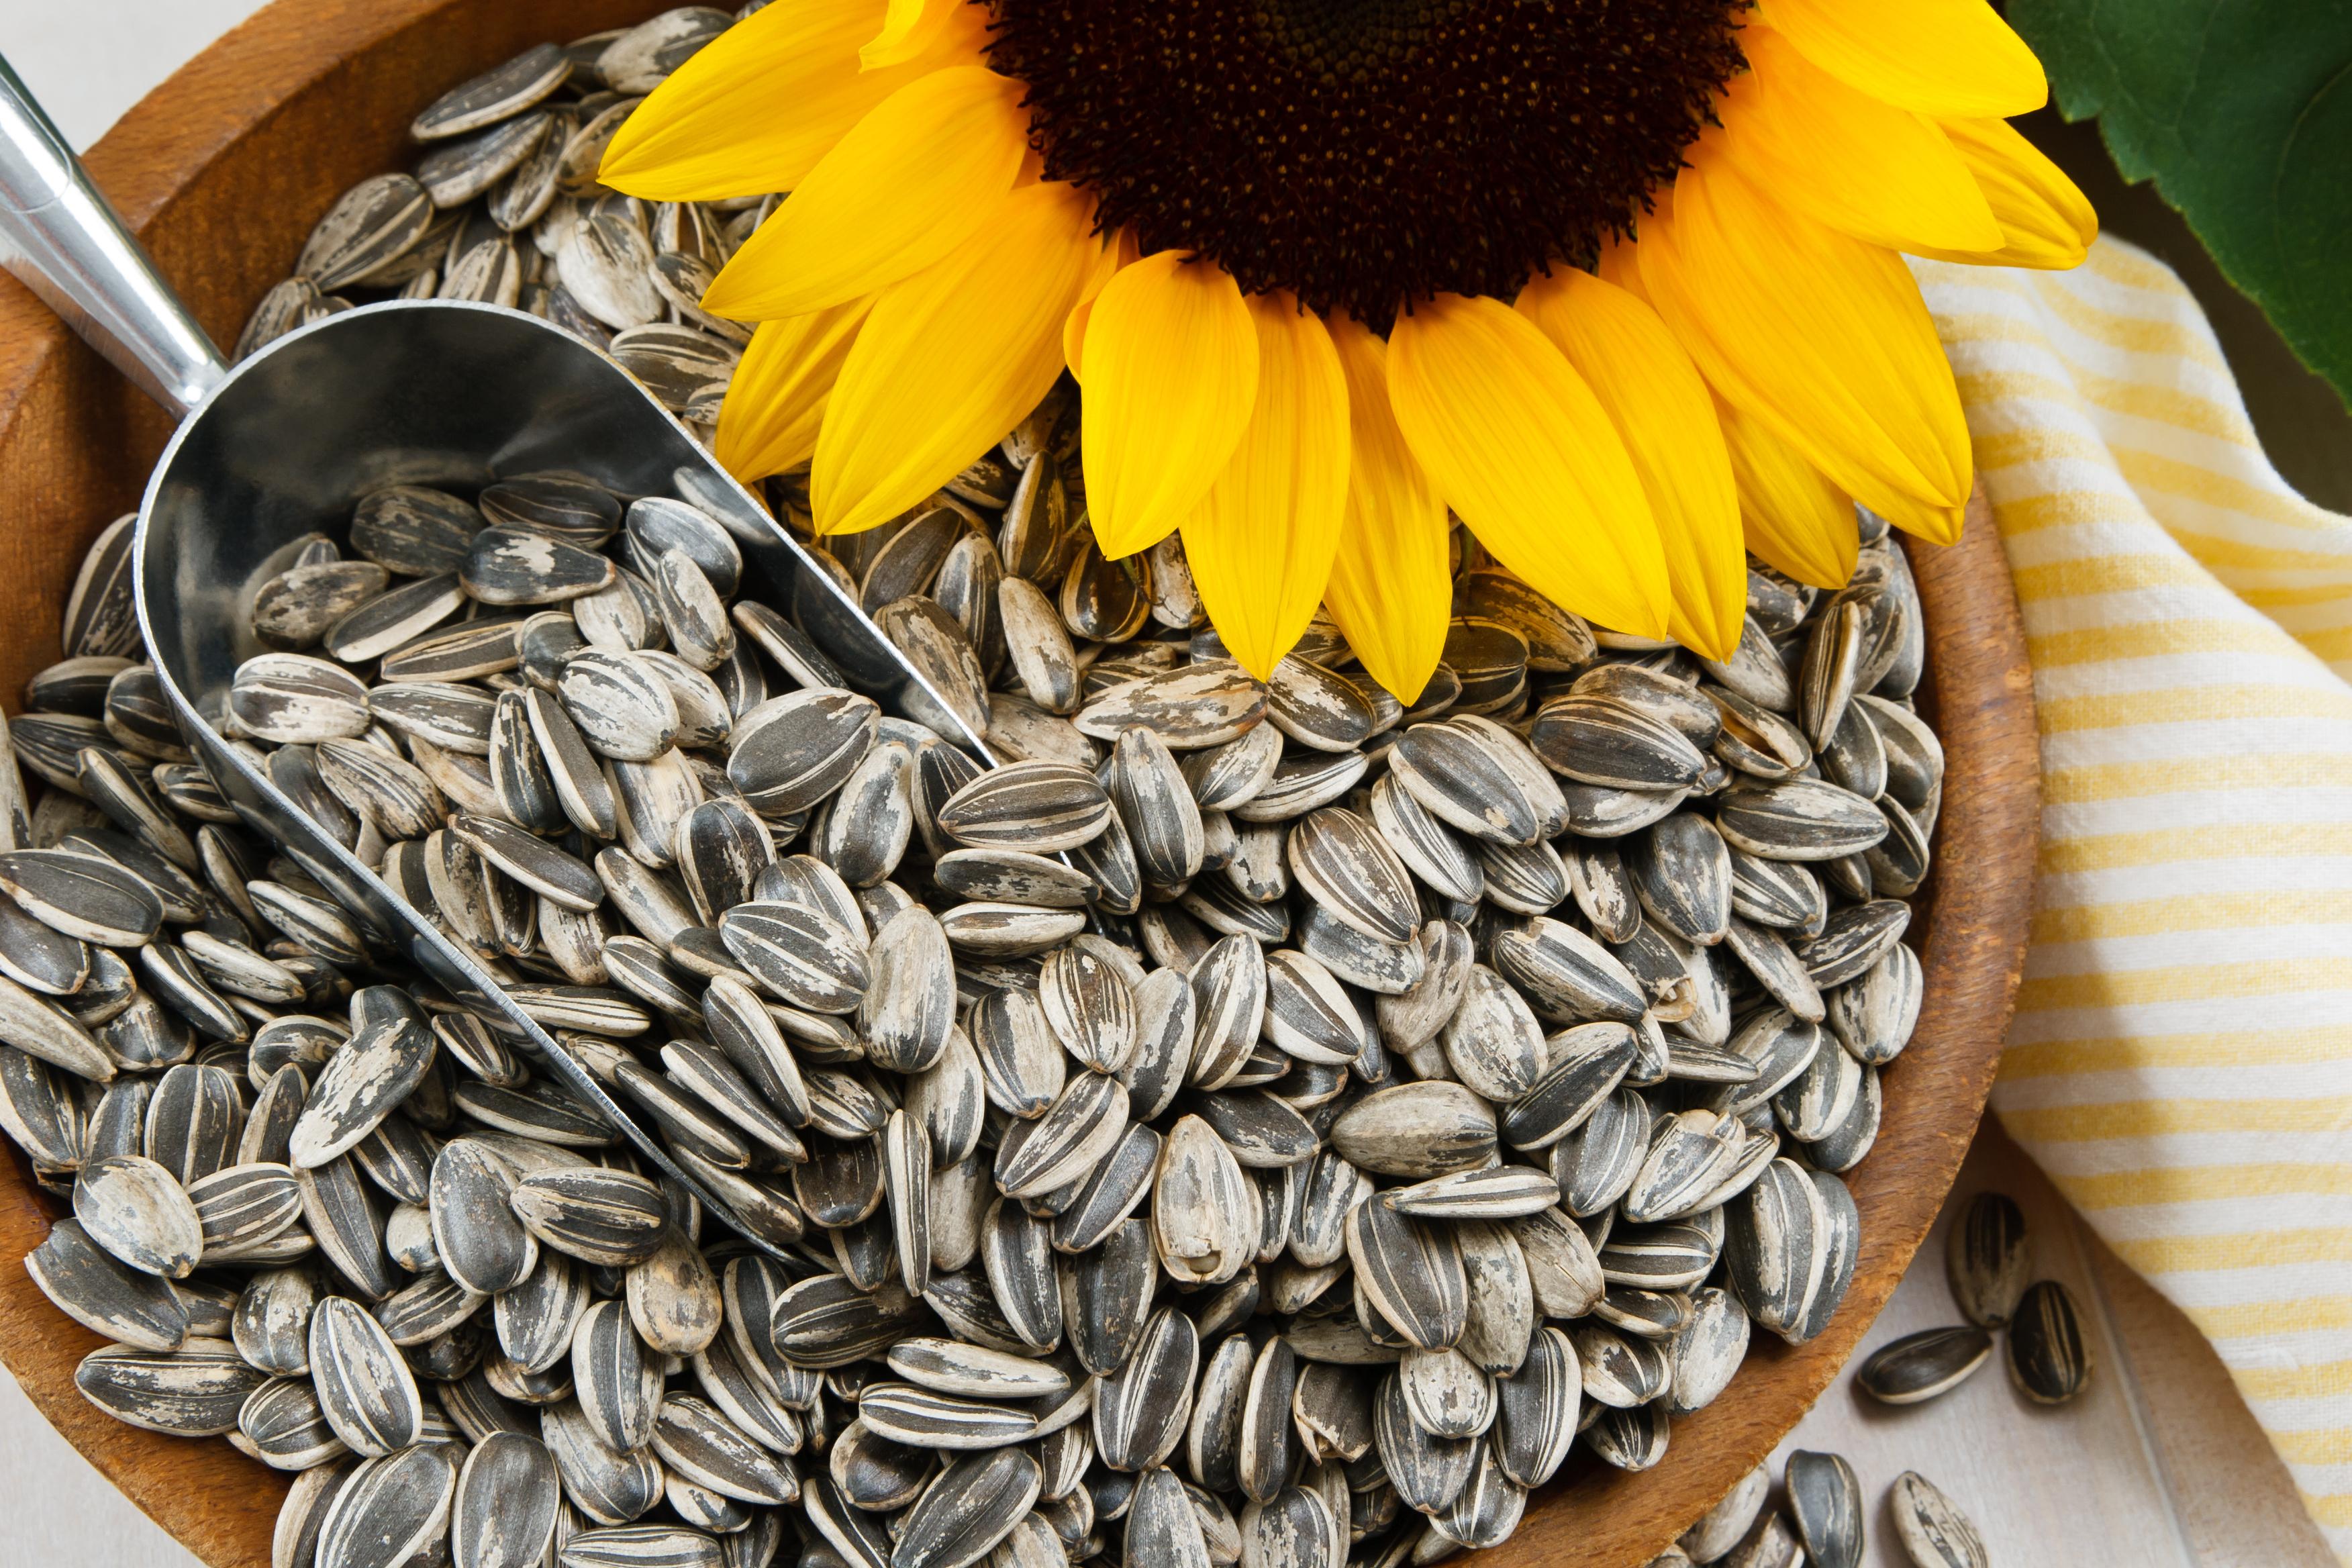 201986-3504x2336-sunflower-seeds.jpg